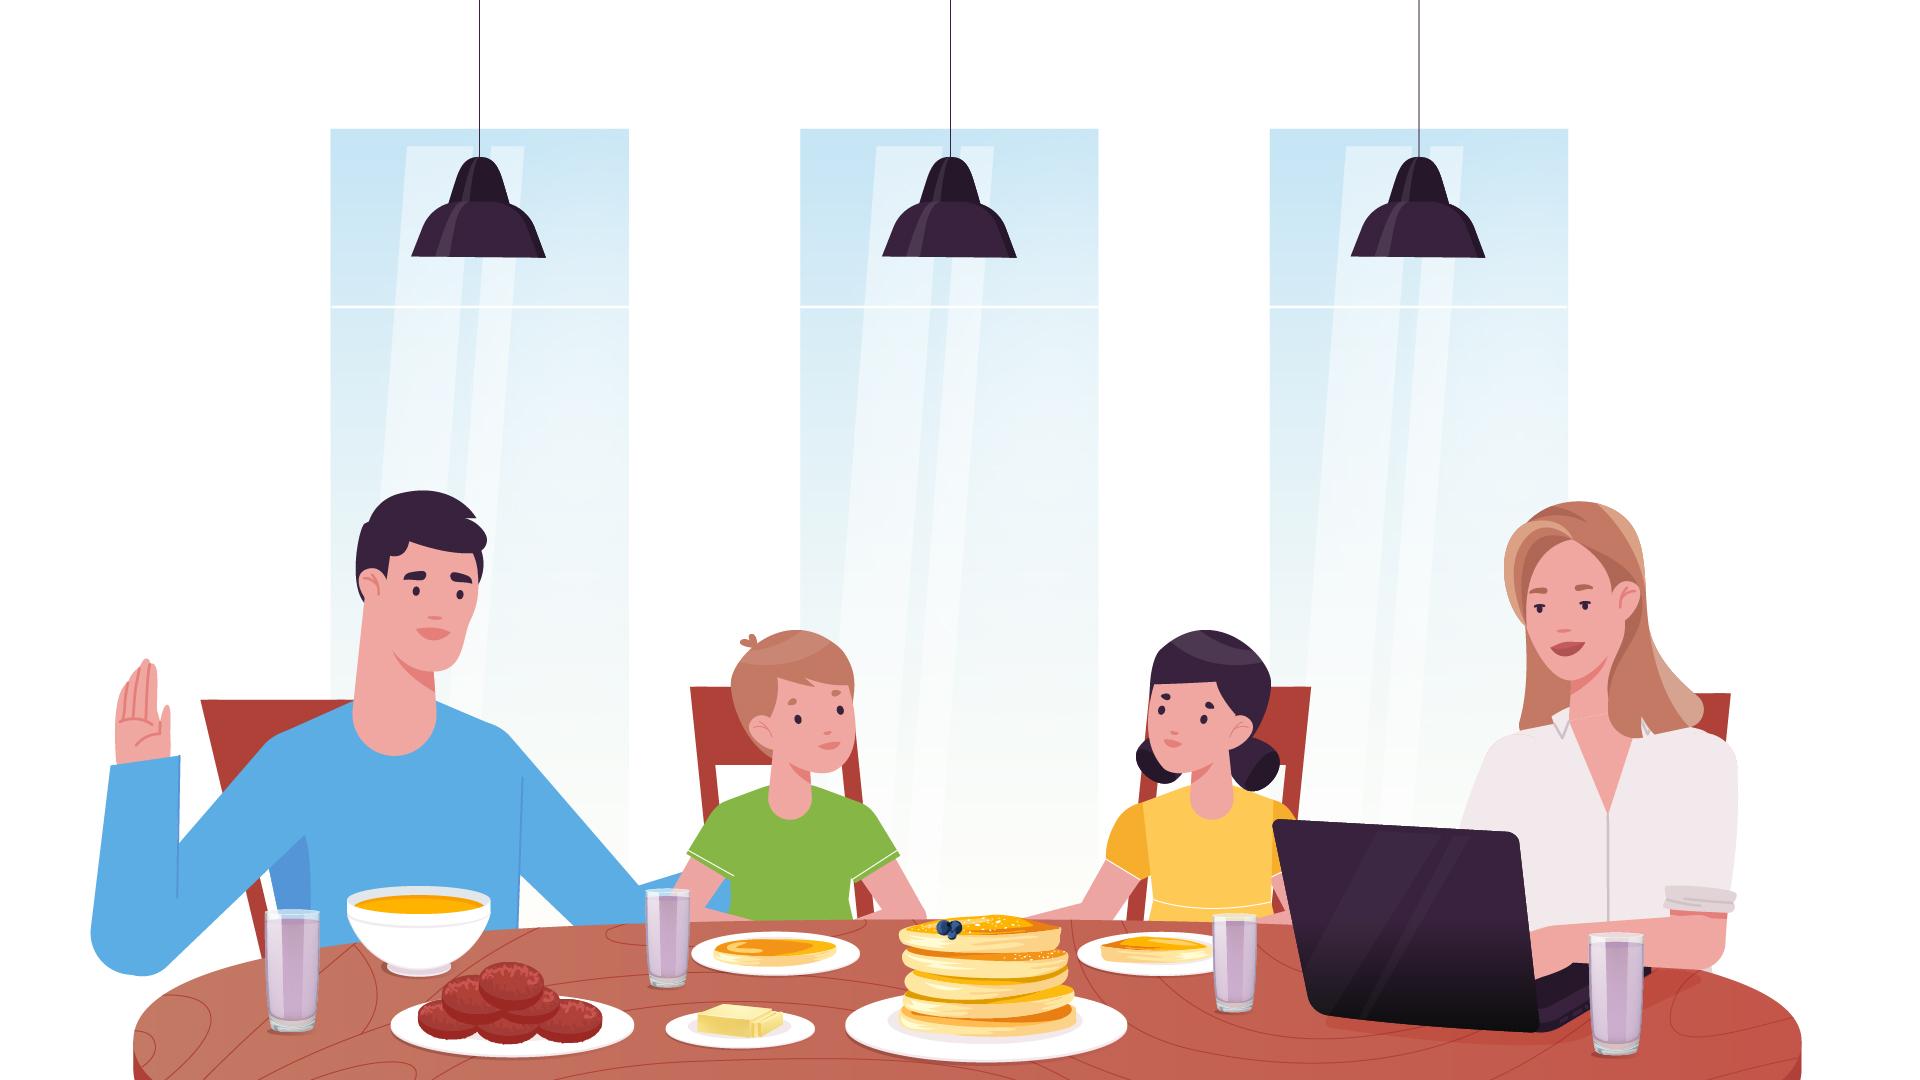 Family dinner - 2D animation